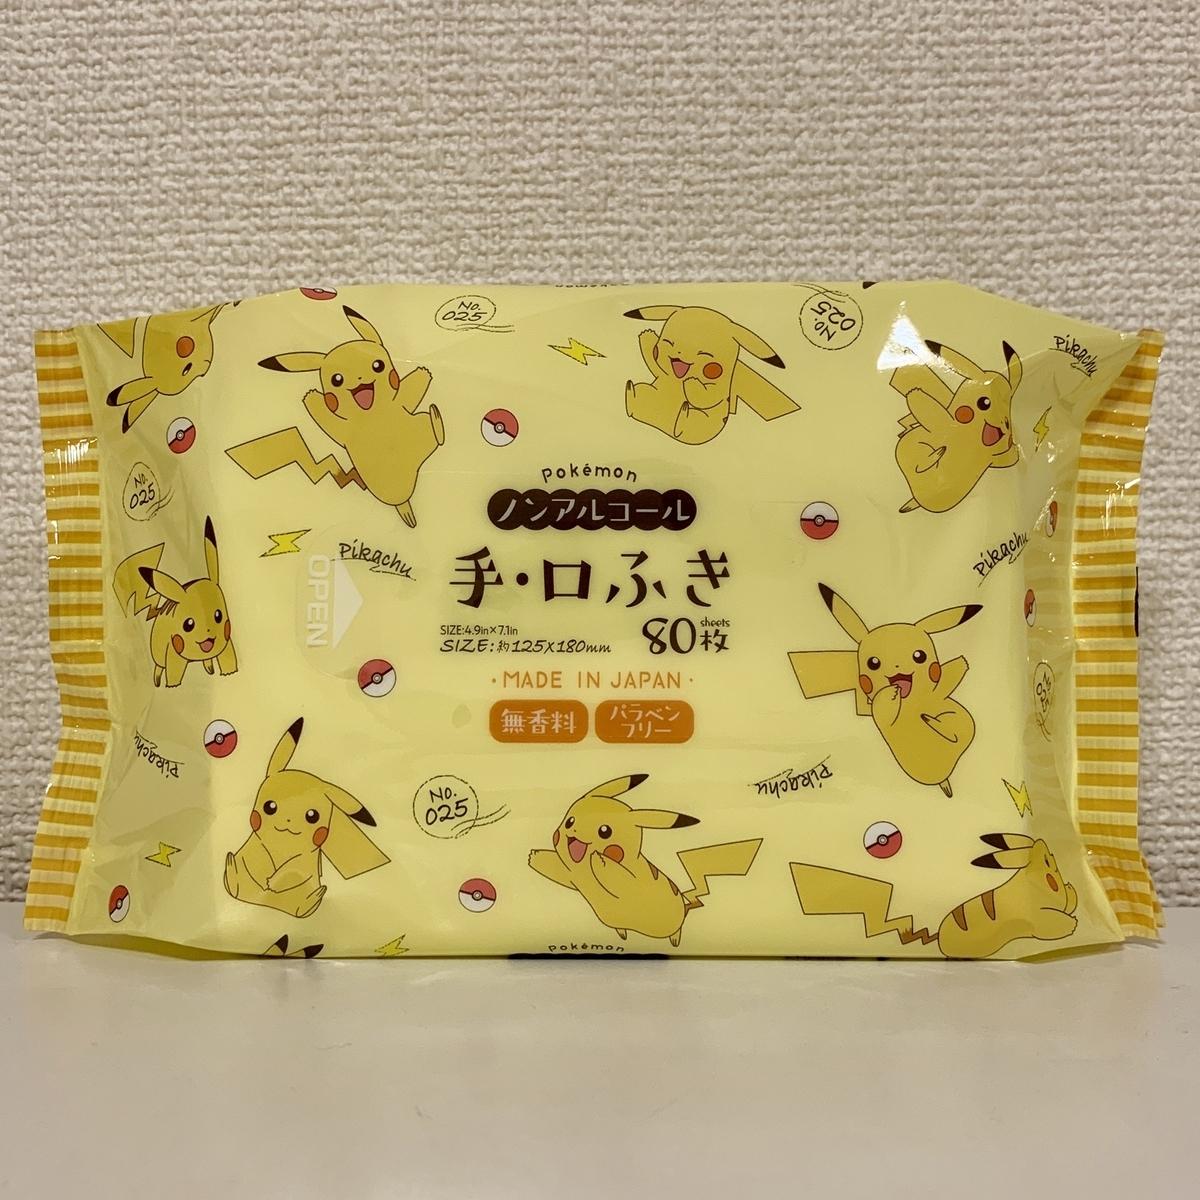 f:id:pikachu_pcn:20200531180244j:plain